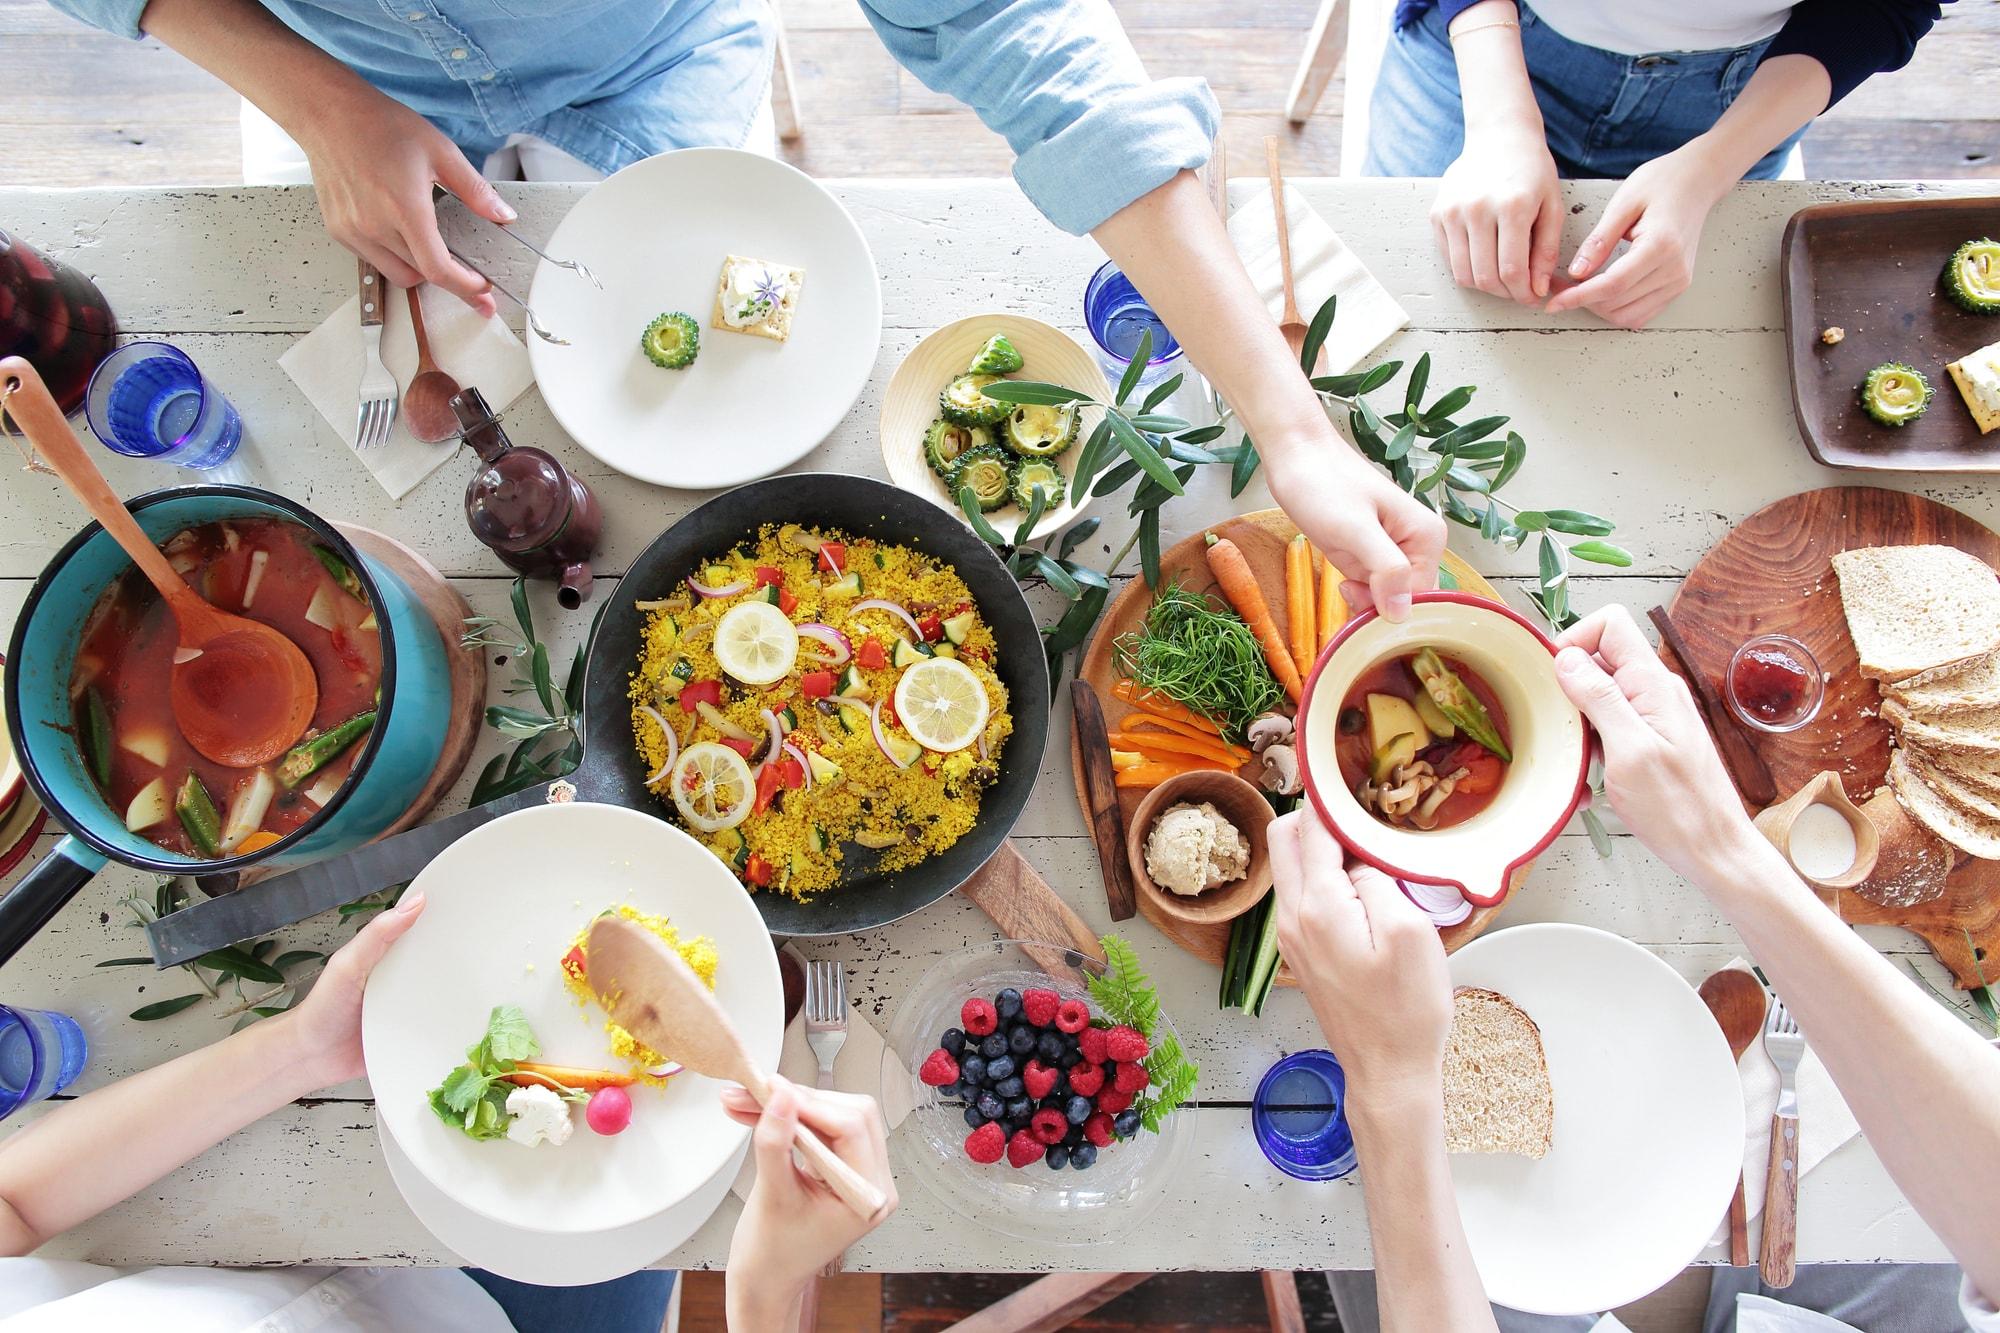 【健康は日々の食事から】食事の注意点と社食が豪華な企業をご紹介のアイキャッチイメージ